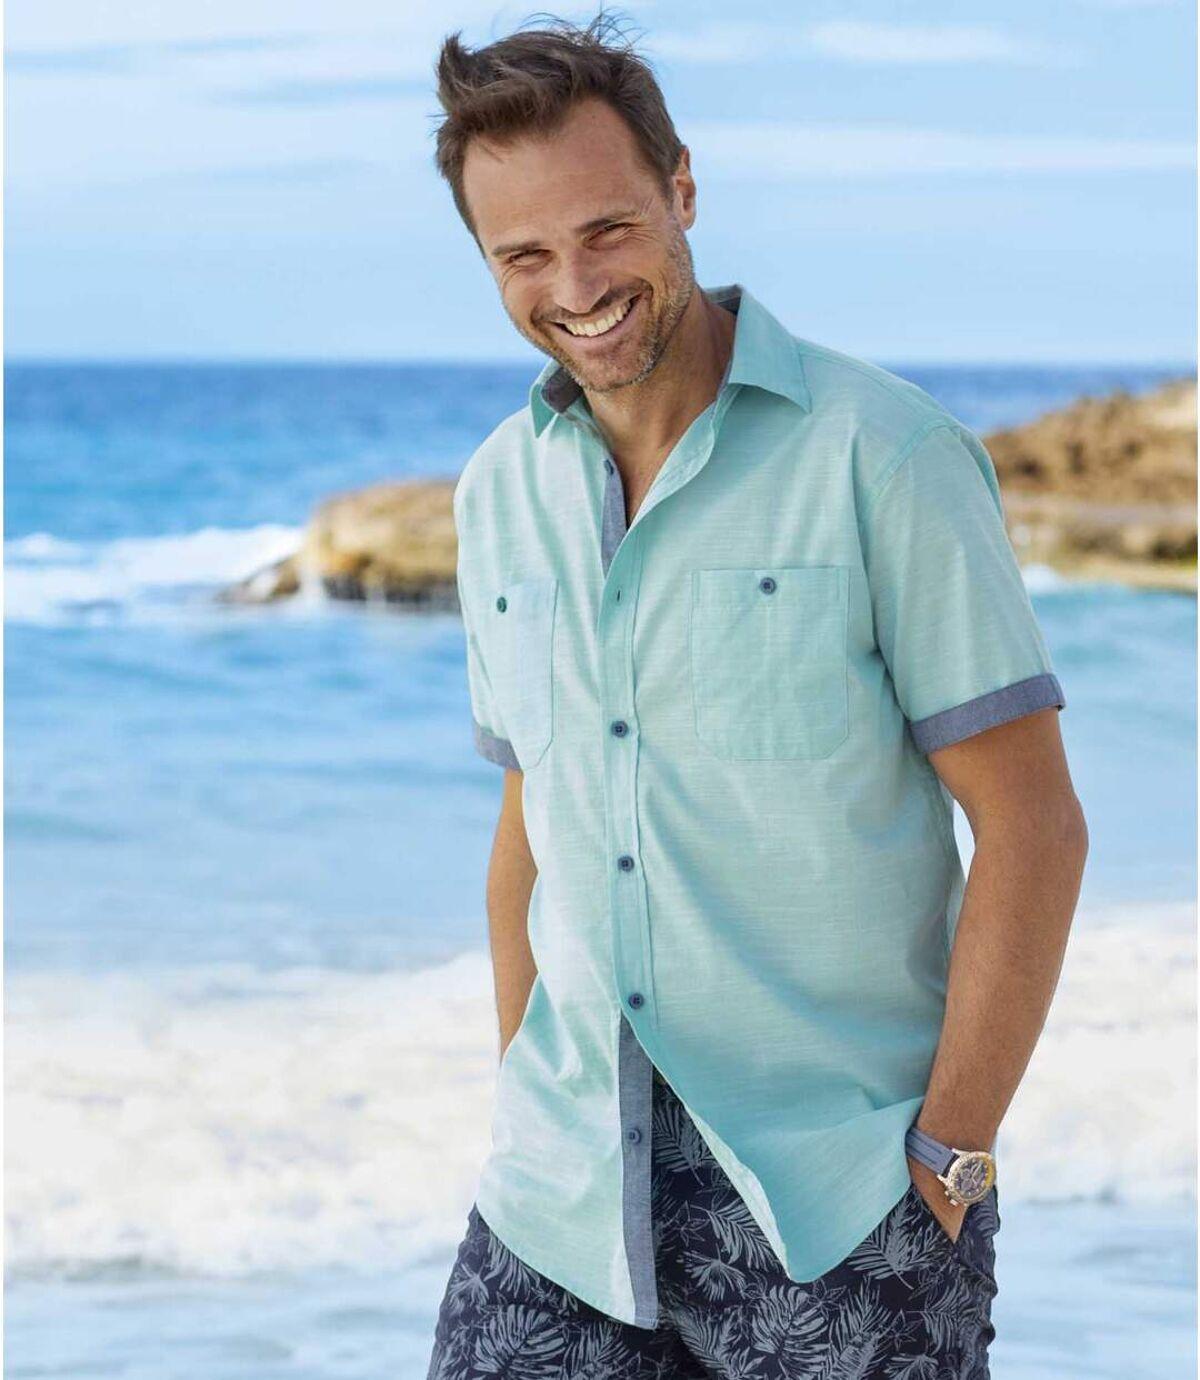 Košile skrátkým rukávem Riviera Atlas For Men